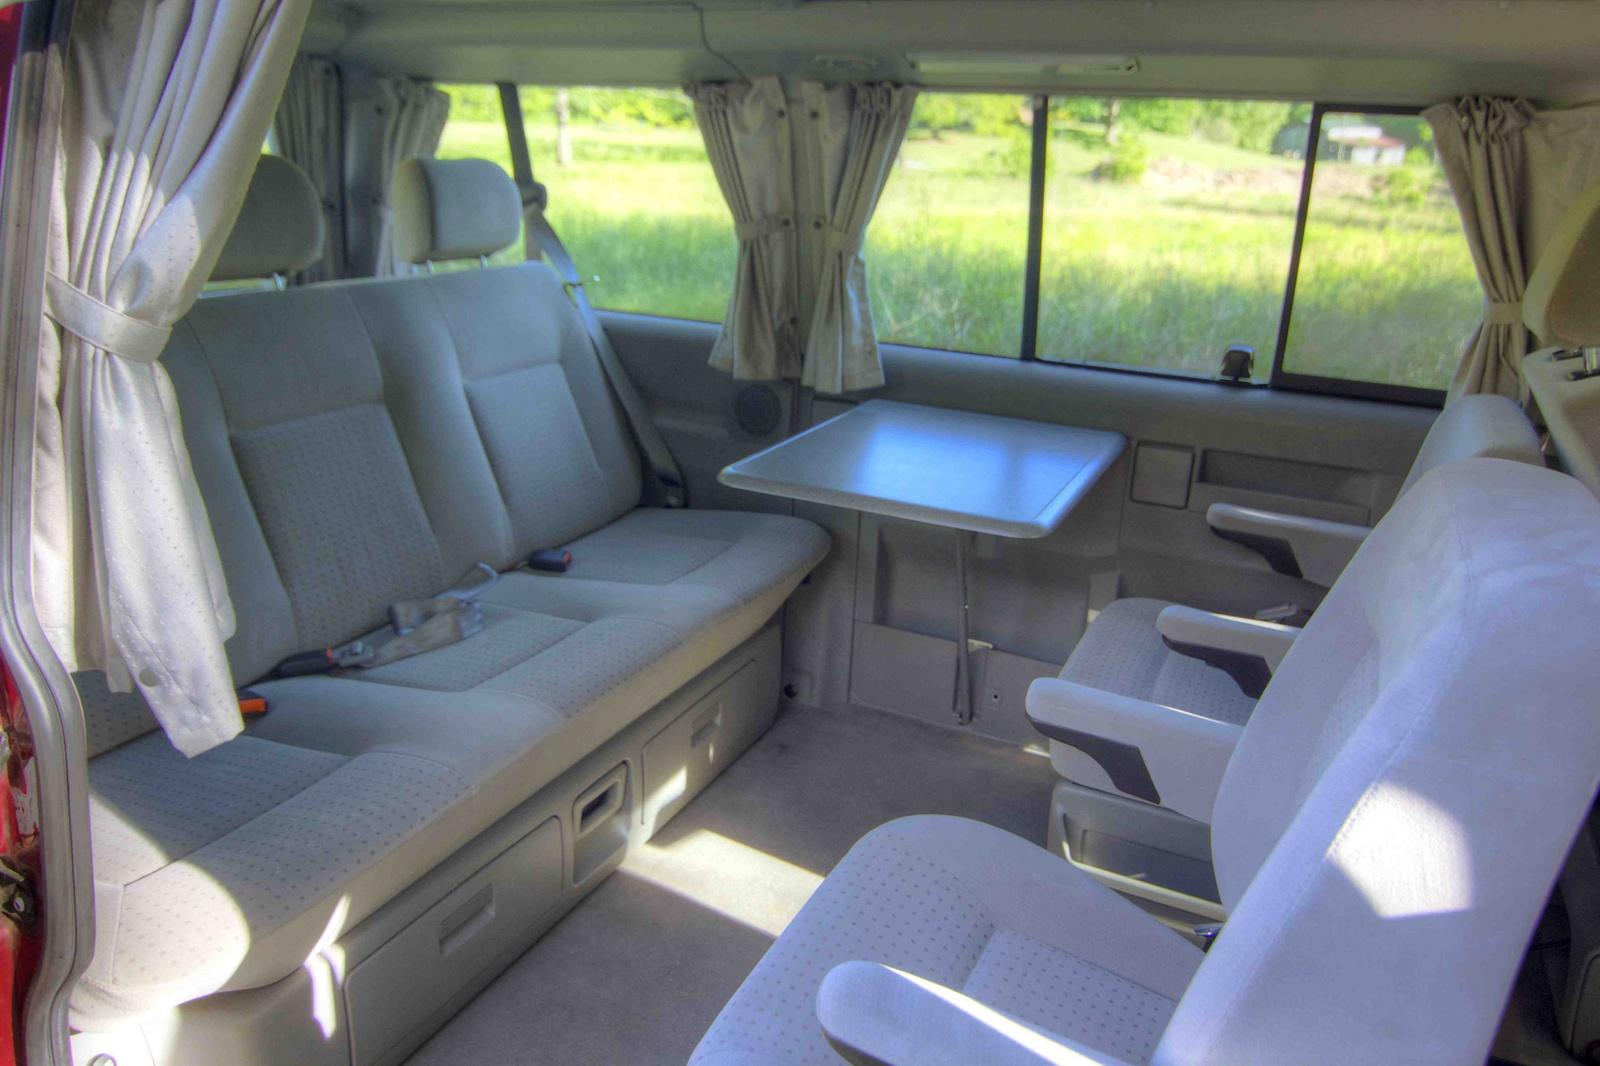 2000 Volkswagen Eurovan Interior Pictures Cargurus